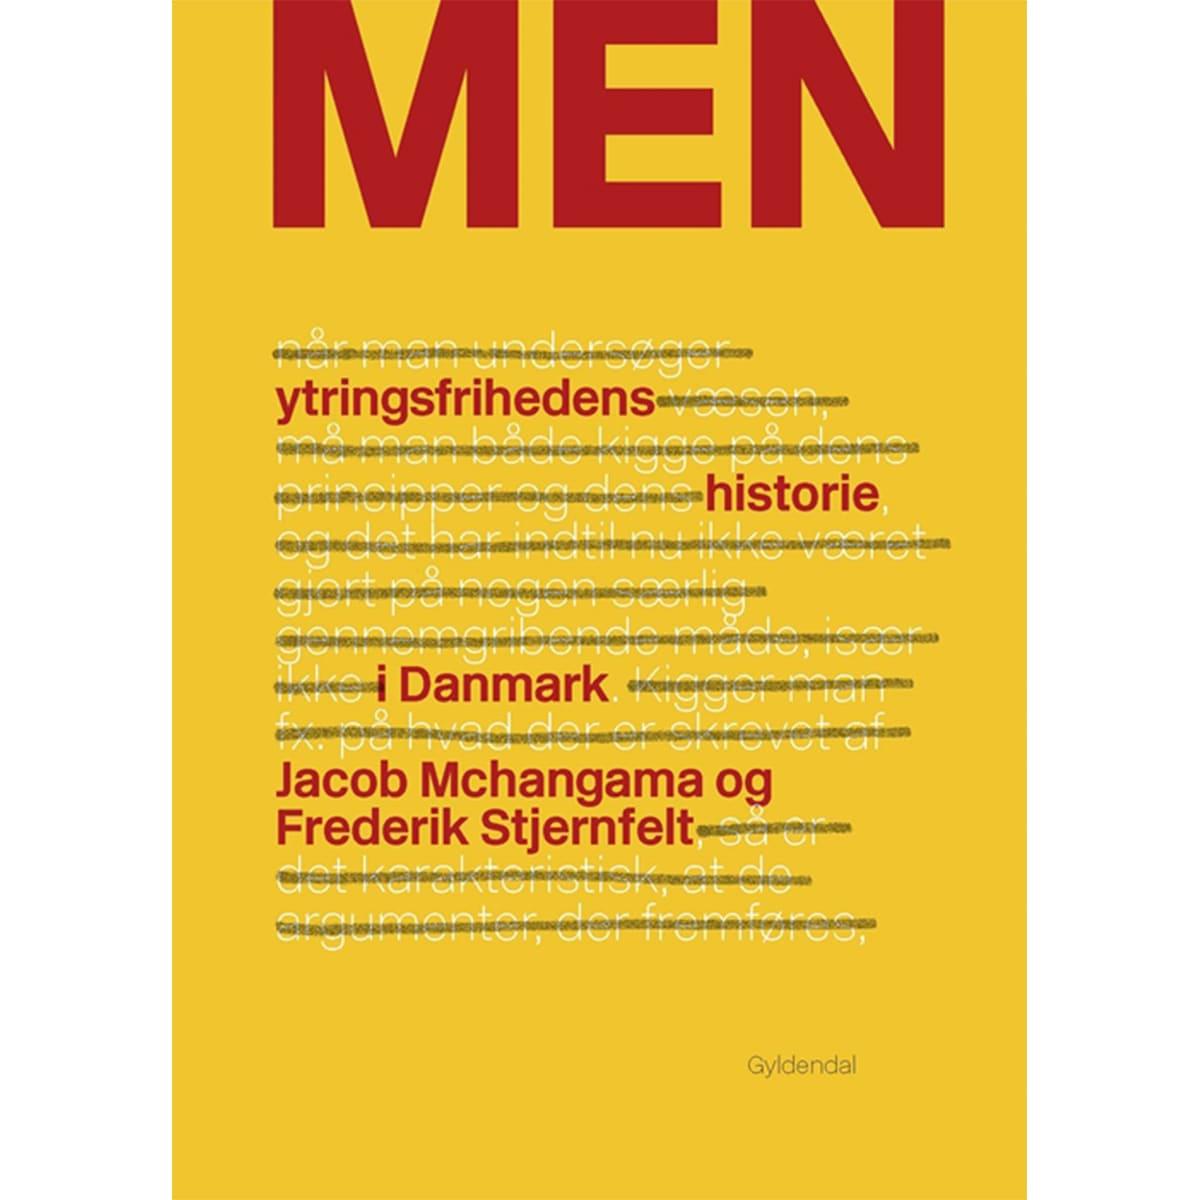 Af Frederik Stjernfelt & Jacob Mchangama